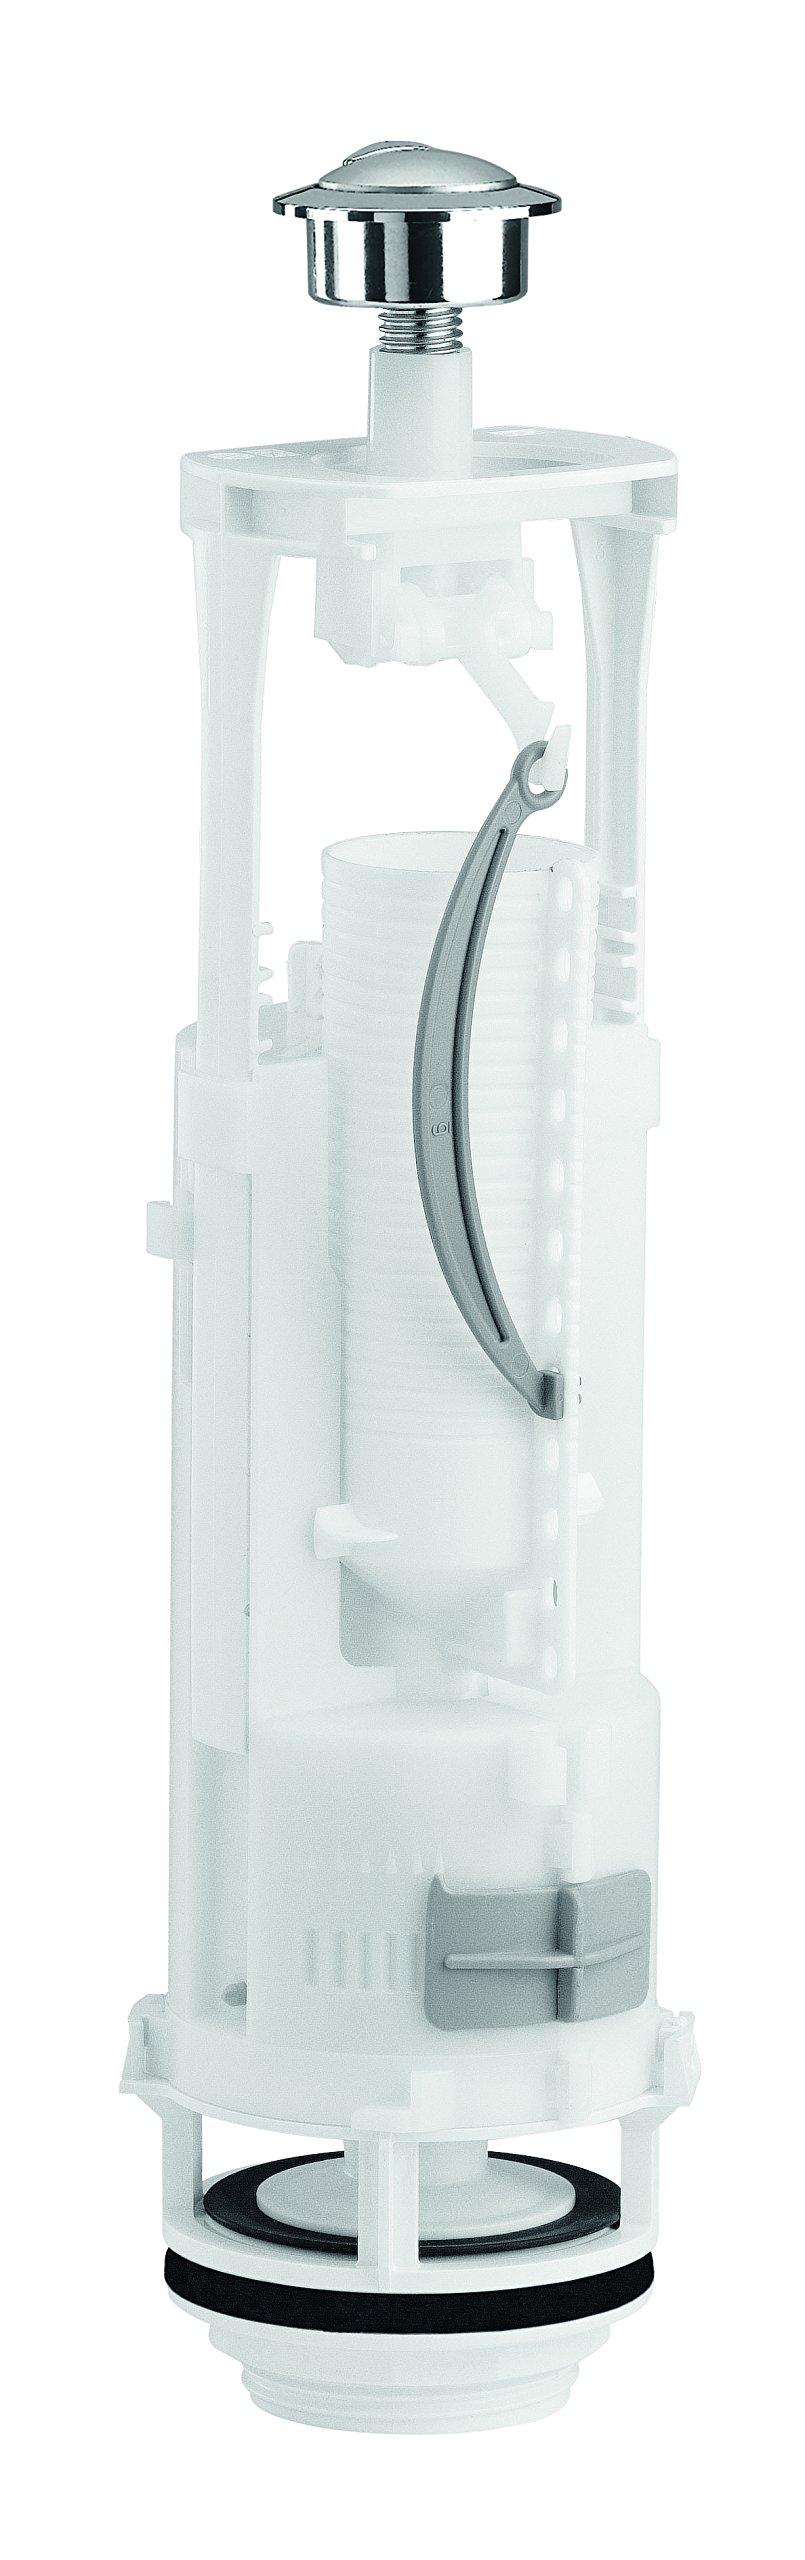 SIAMP Optima 49 Dual Flush Toilet Valve 32499910, White